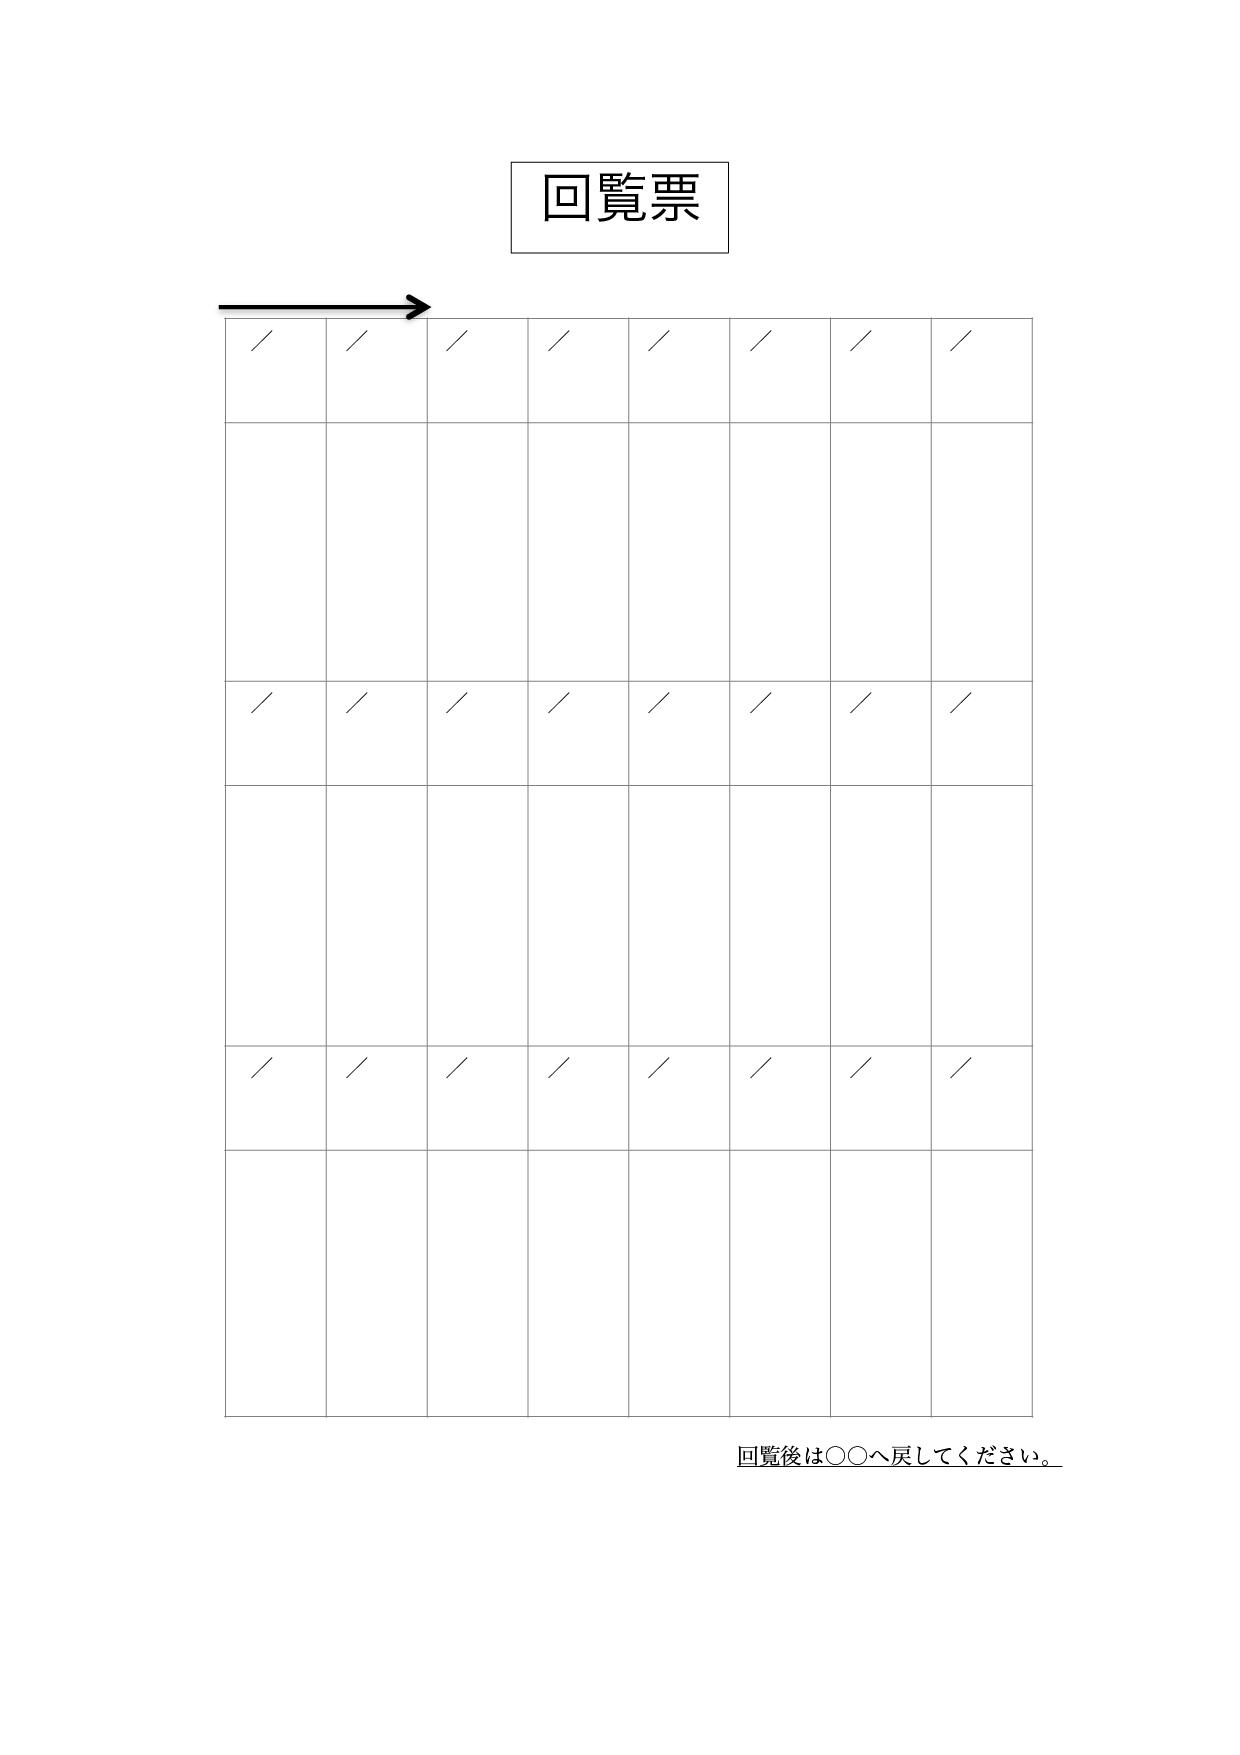 回覧票テンプレート_自治会やイベント(ワード・ページズ)